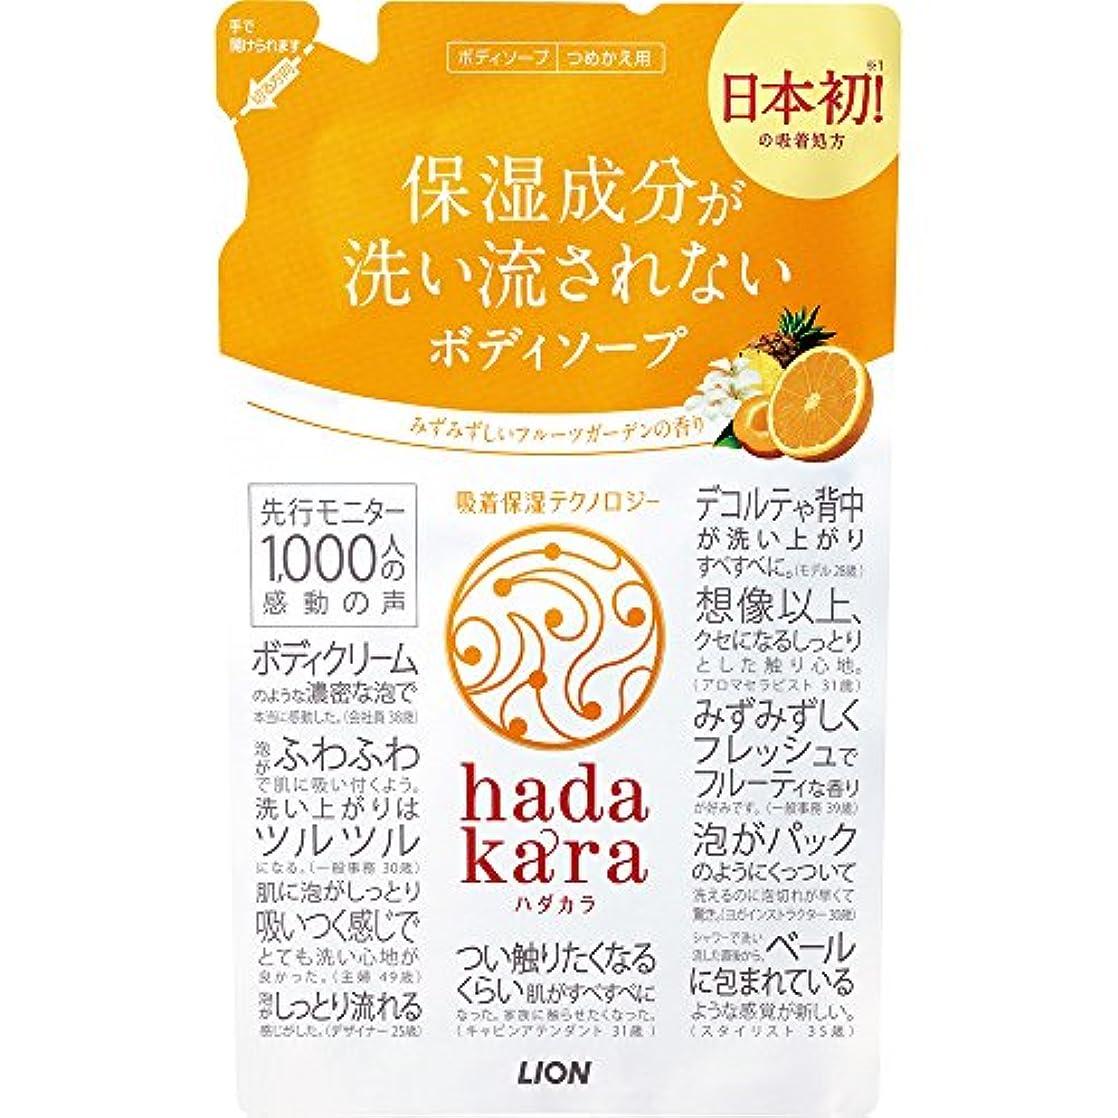 自分自身スラッシュテセウスhadakara(ハダカラ) ボディソープ フルーツガーデンの香り 詰め替え 360ml